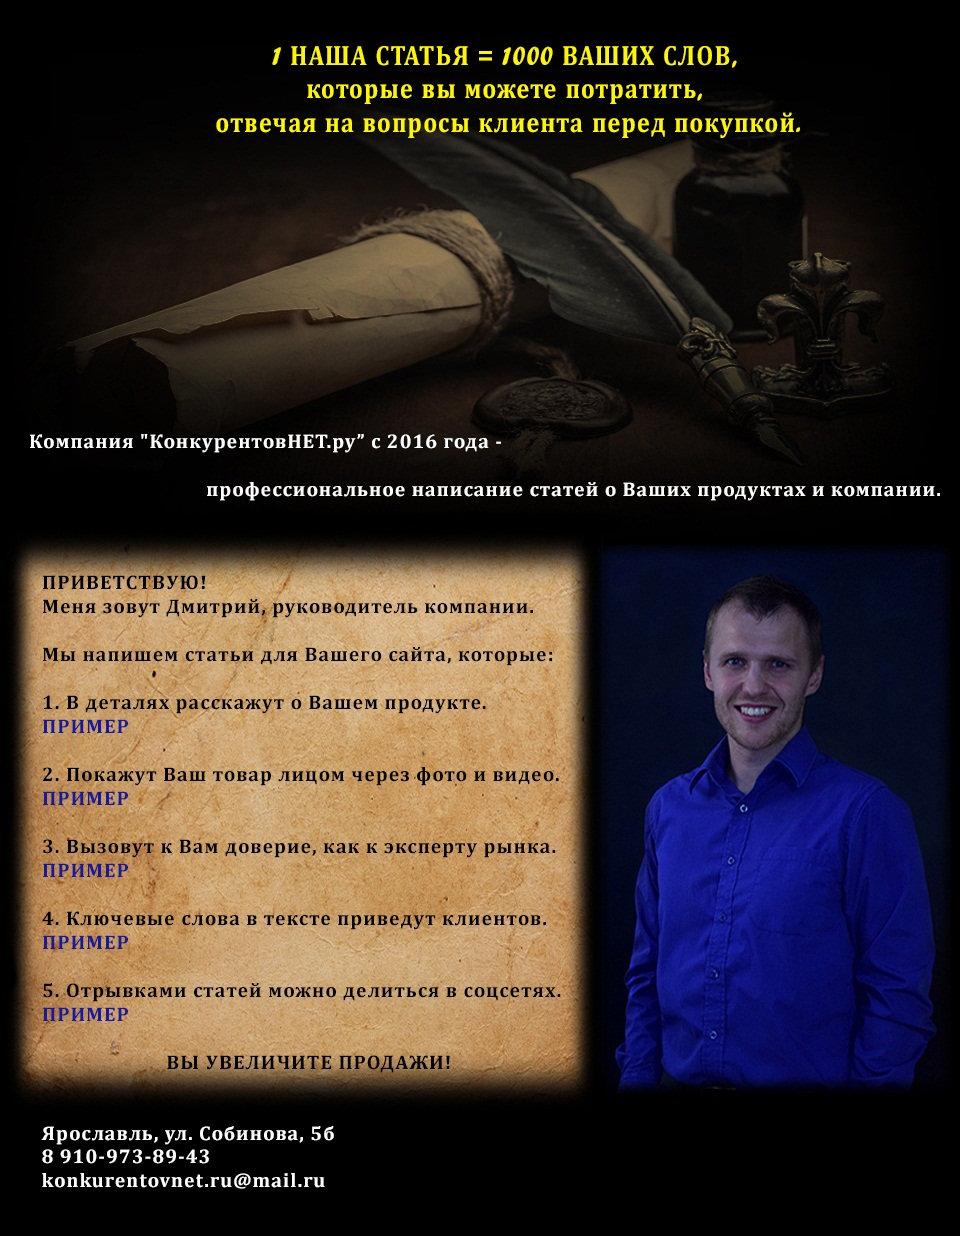 Статьи на сайт копирайтинг КонкурентовНетру